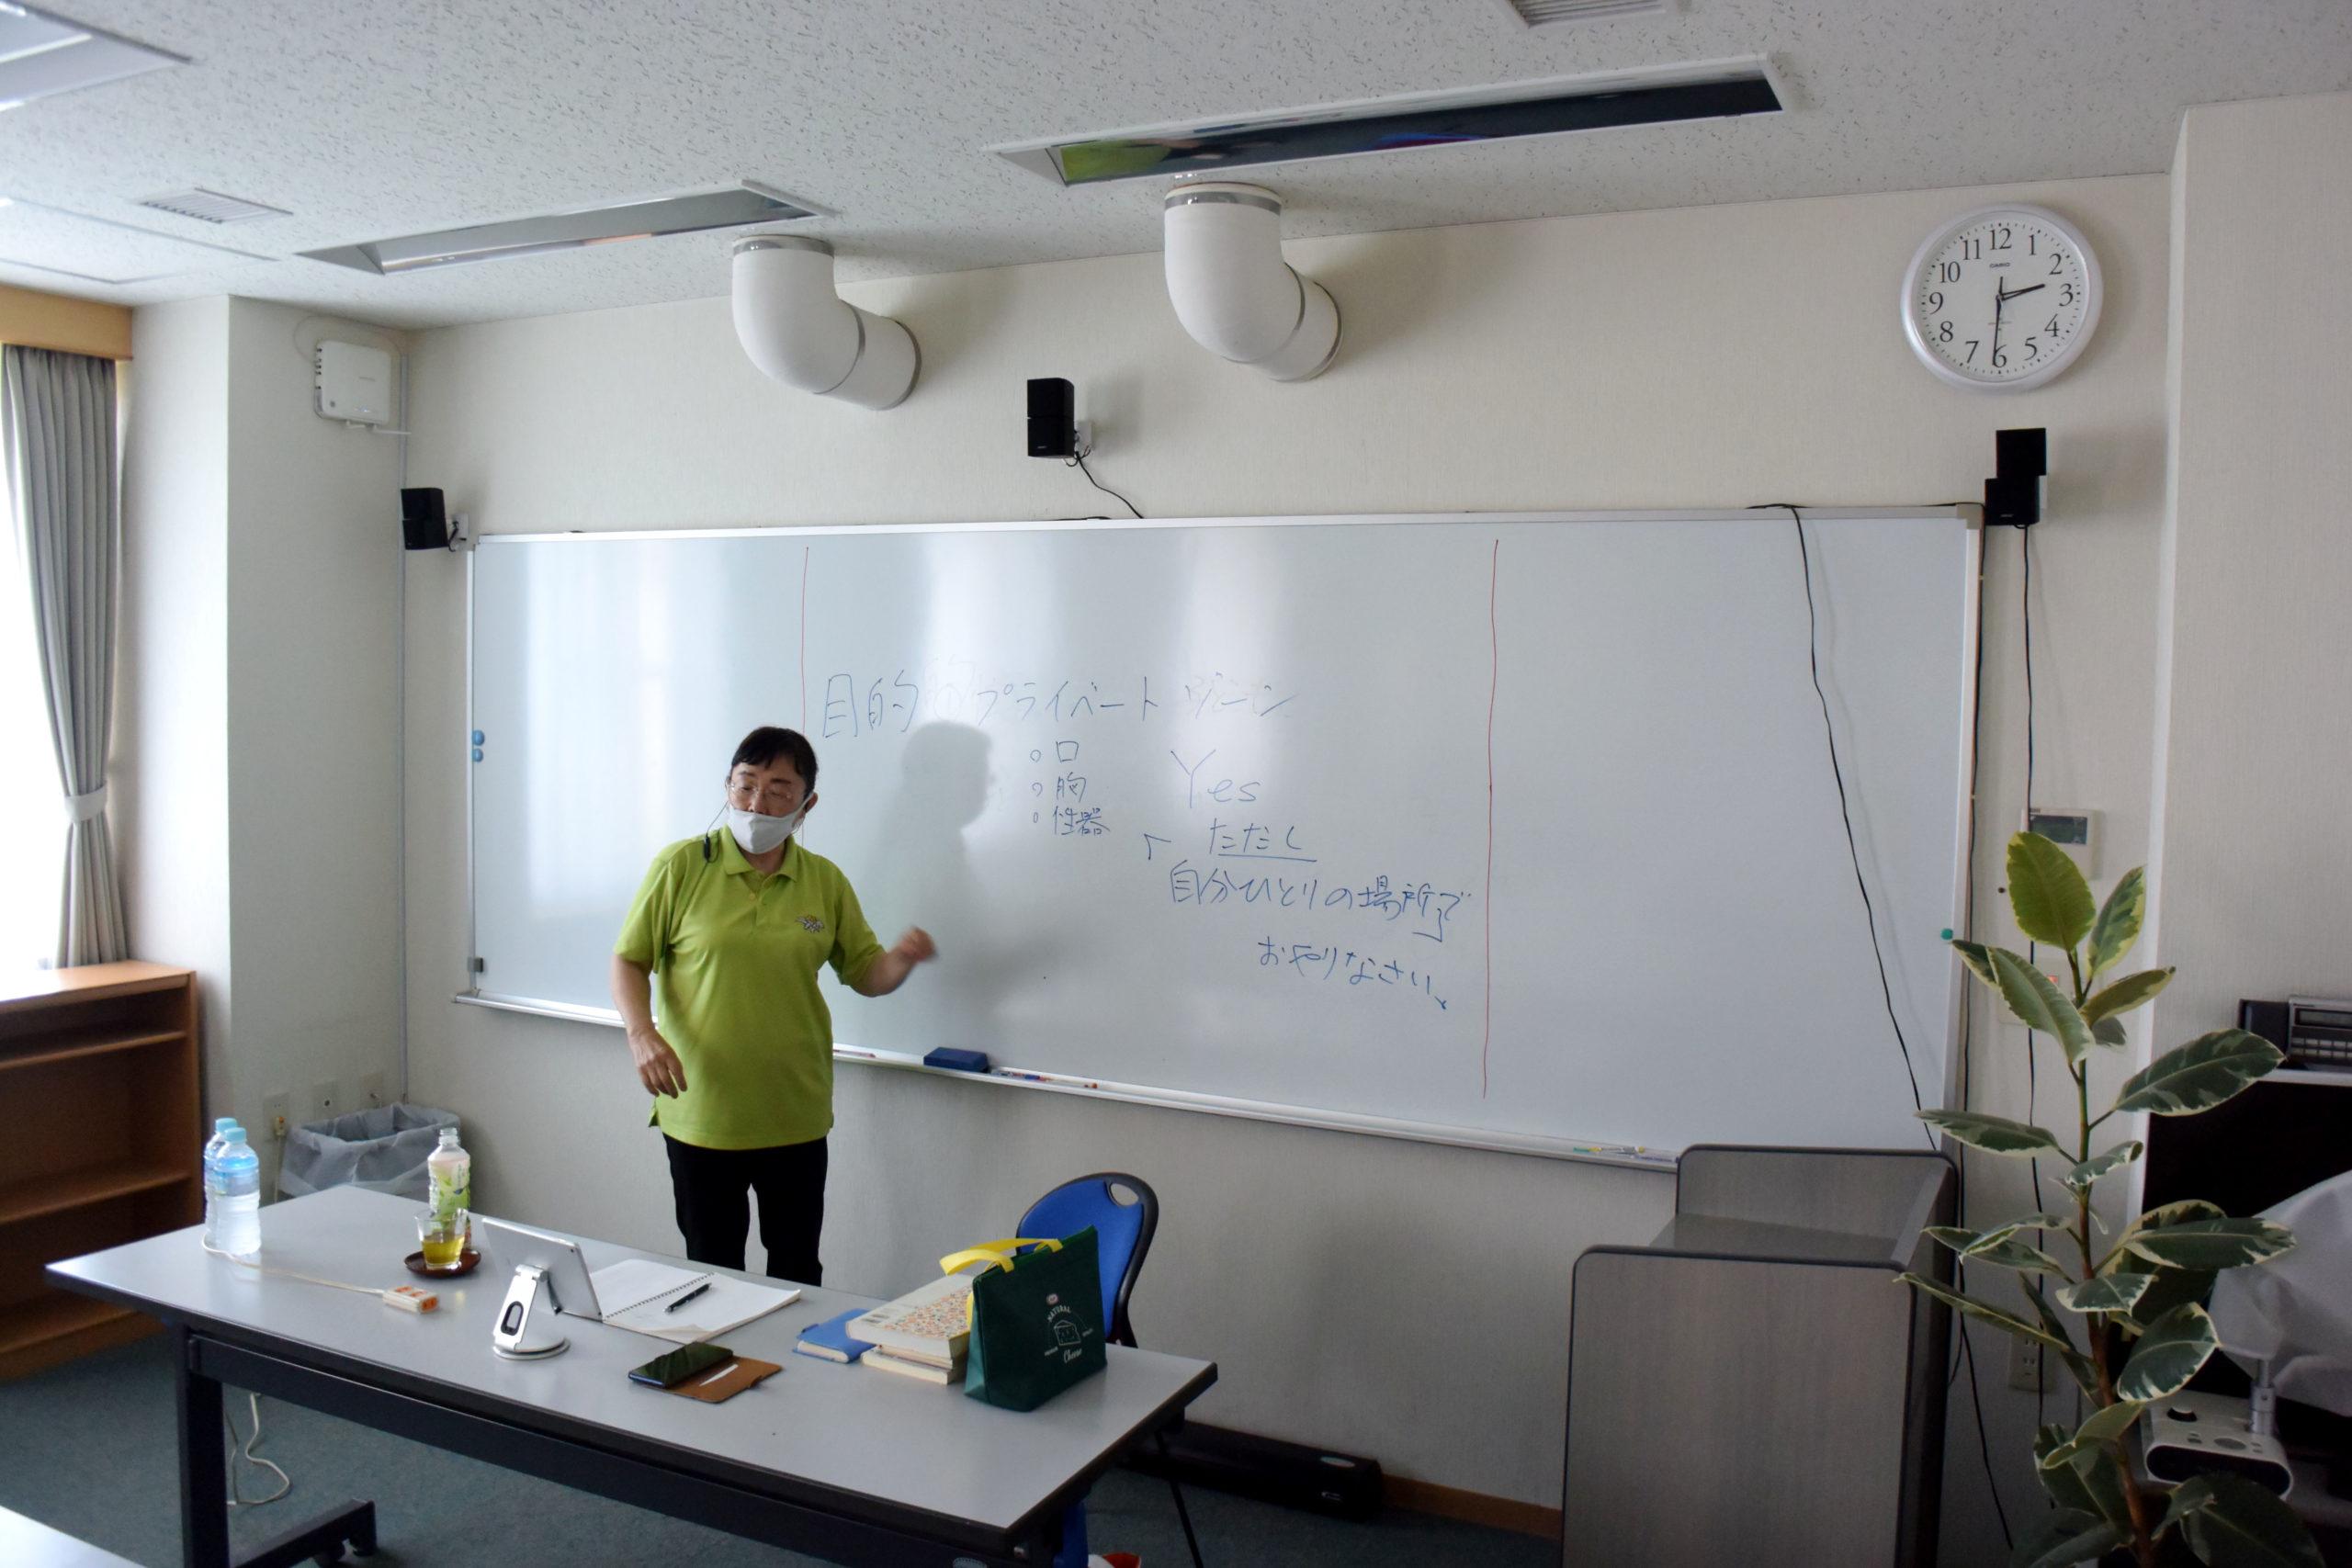 あそぶっく講座「メグさんのからだの科学」